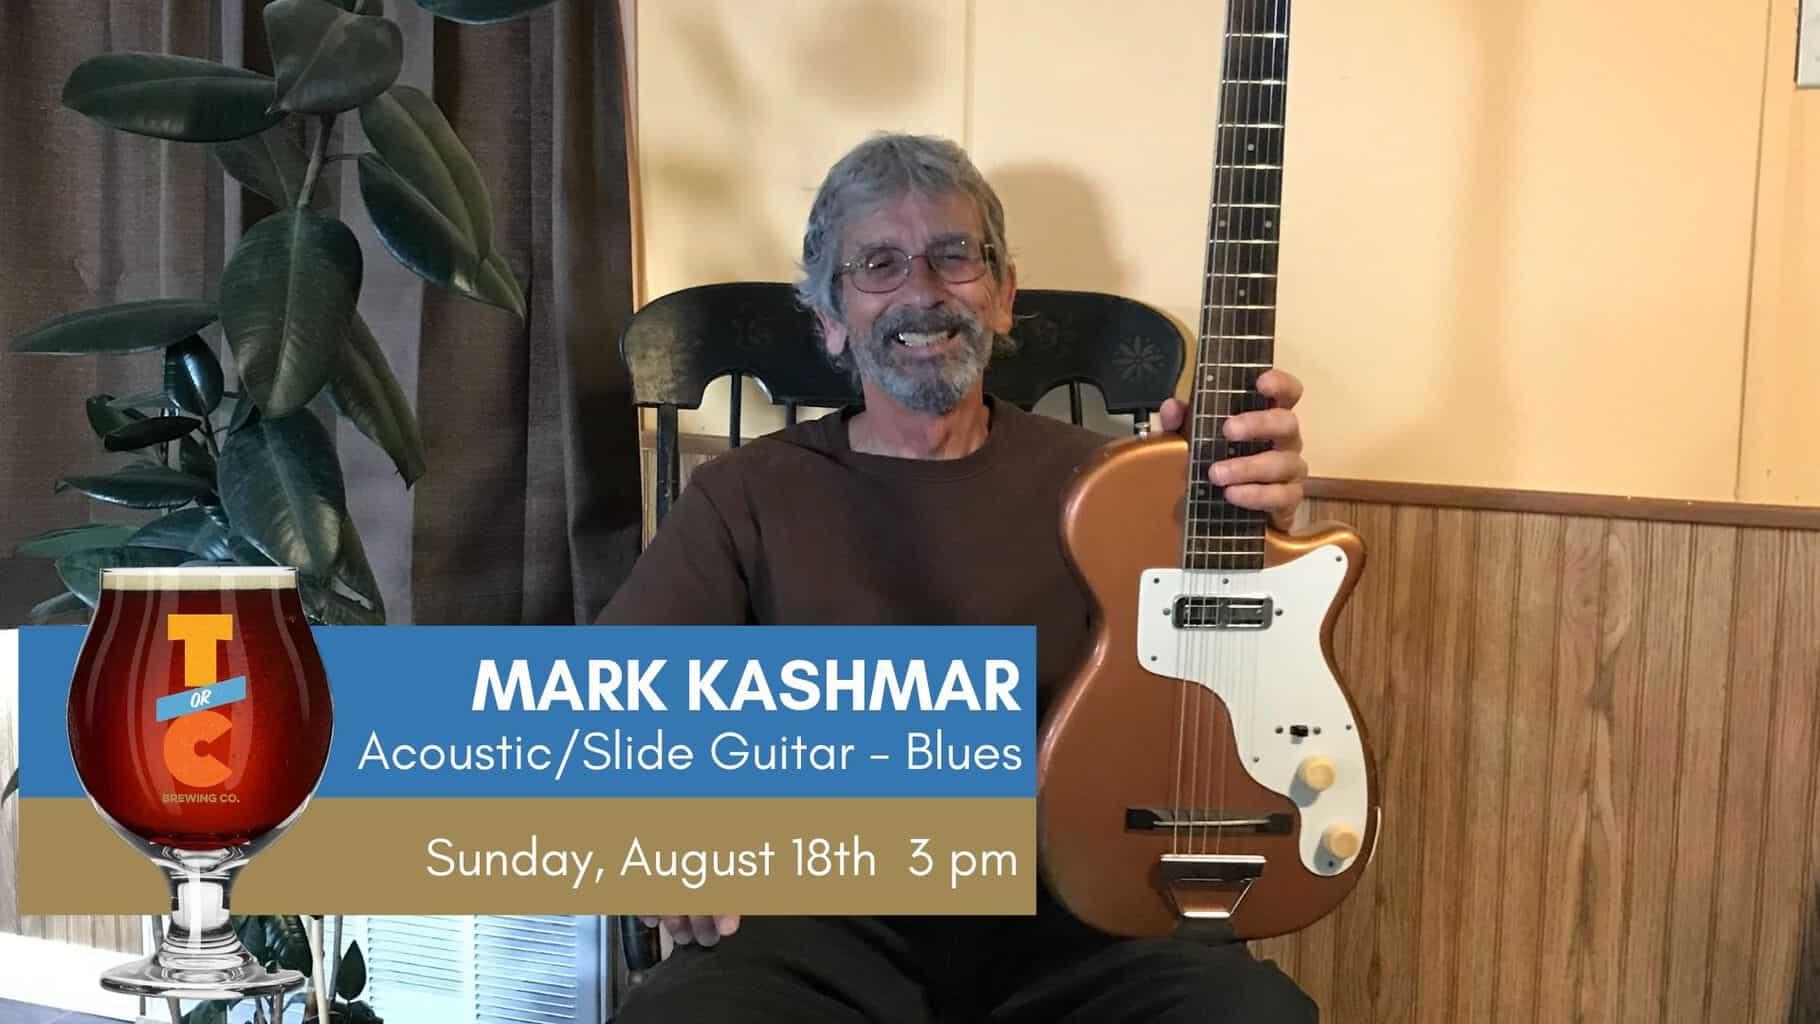 Mark Kashmar